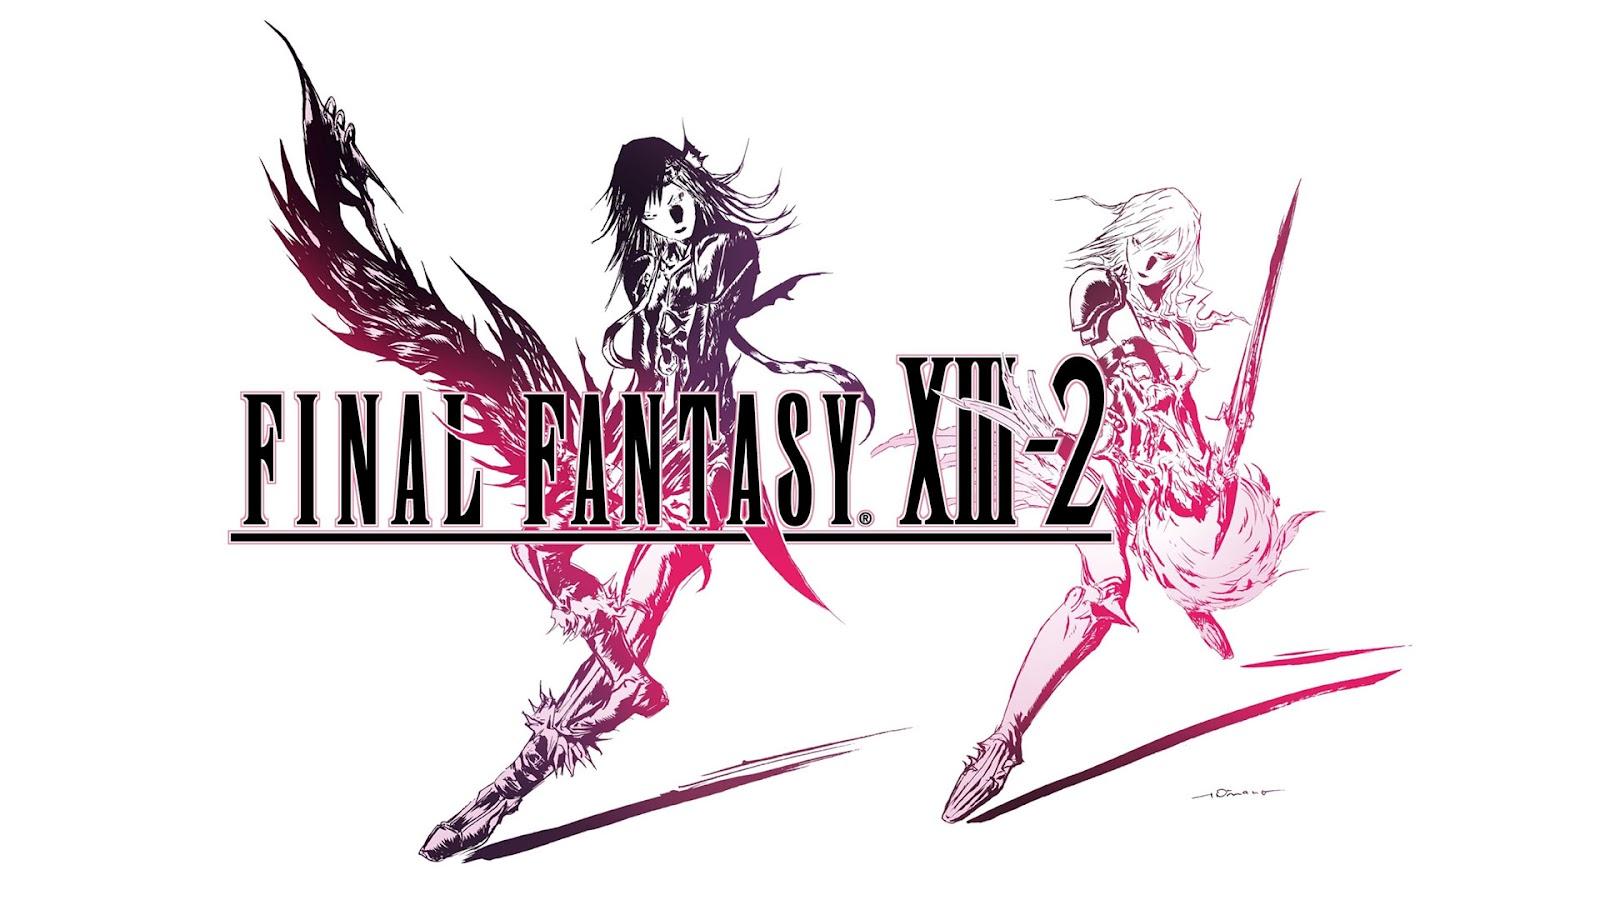 http://2.bp.blogspot.com/-RDbAGsuW7XY/UBTvarbVNII/AAAAAAAAEUc/RfPnjZ5y--o/s1600/final-fantasy-x-13-2-wallpaper-3.jpg